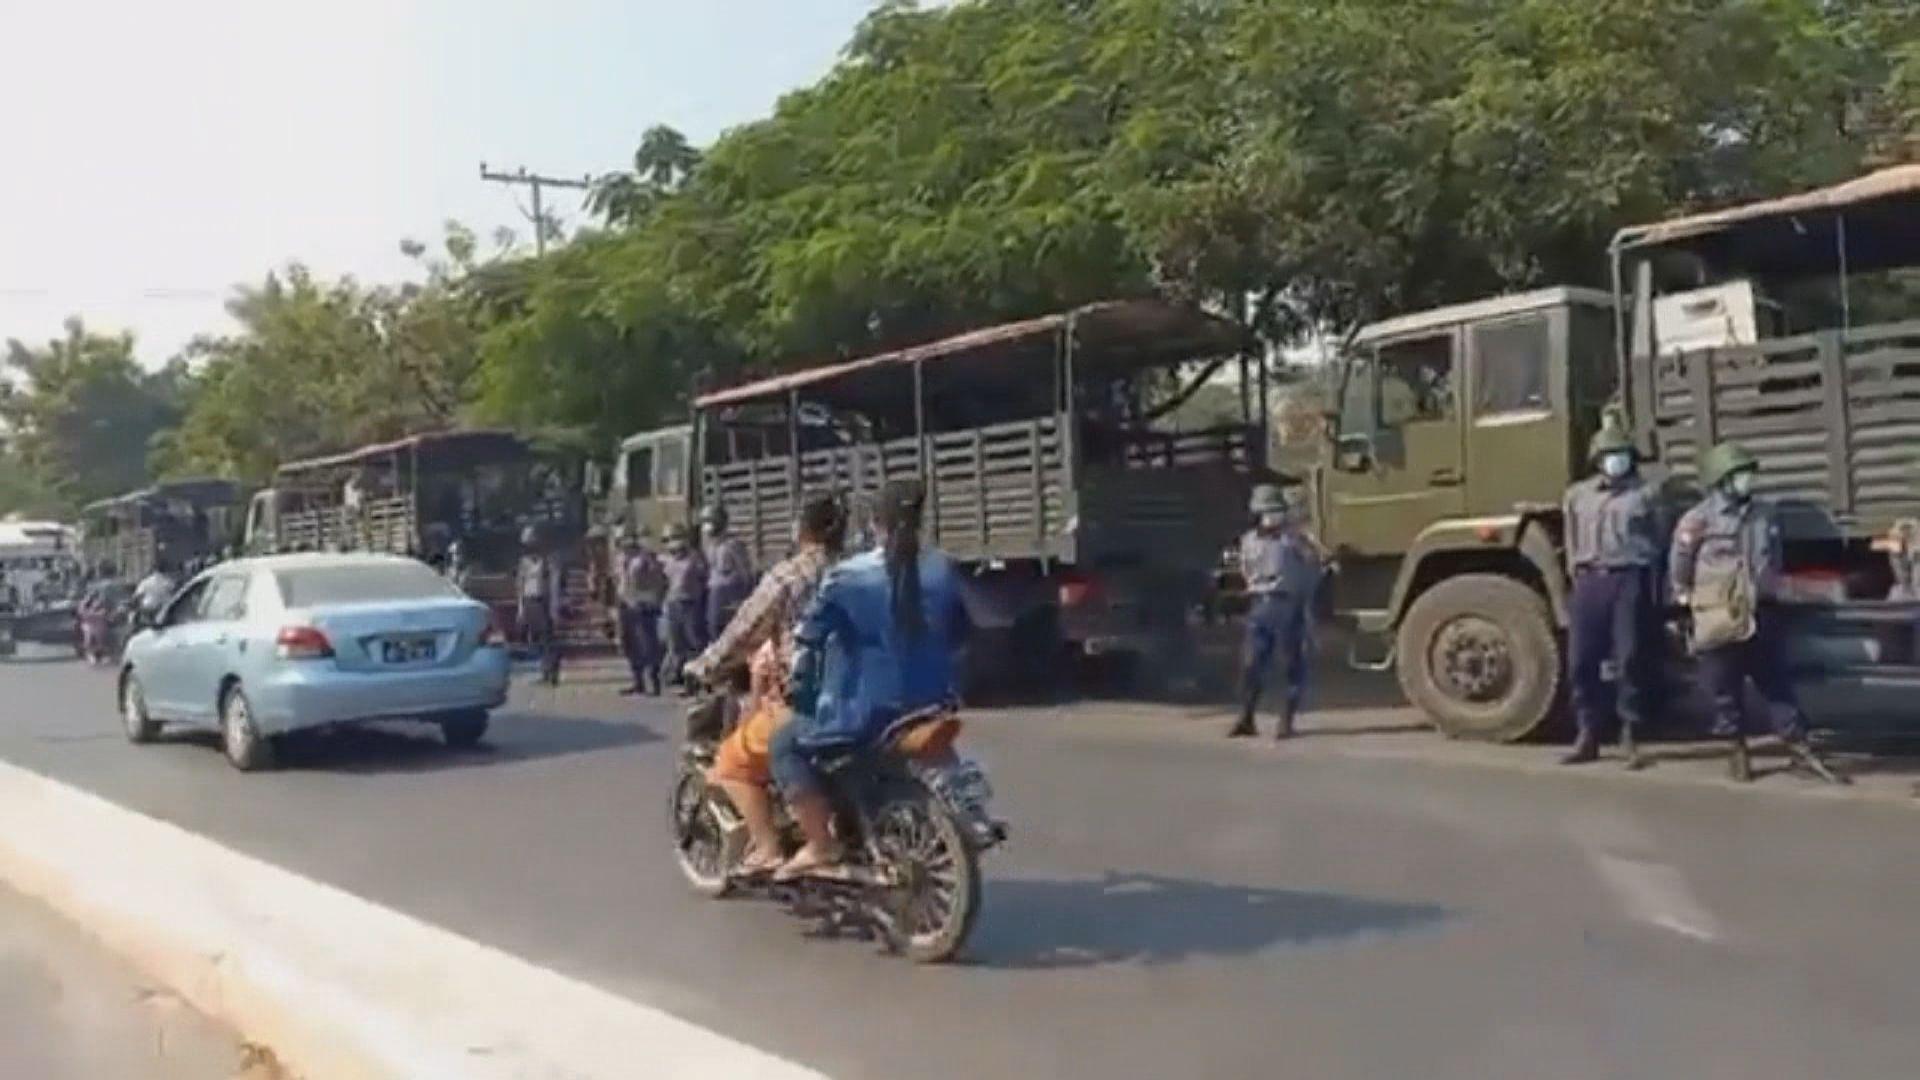 曼德勒多輛軍車停泊 聯國緬甸特使憂暴力衝突或升級